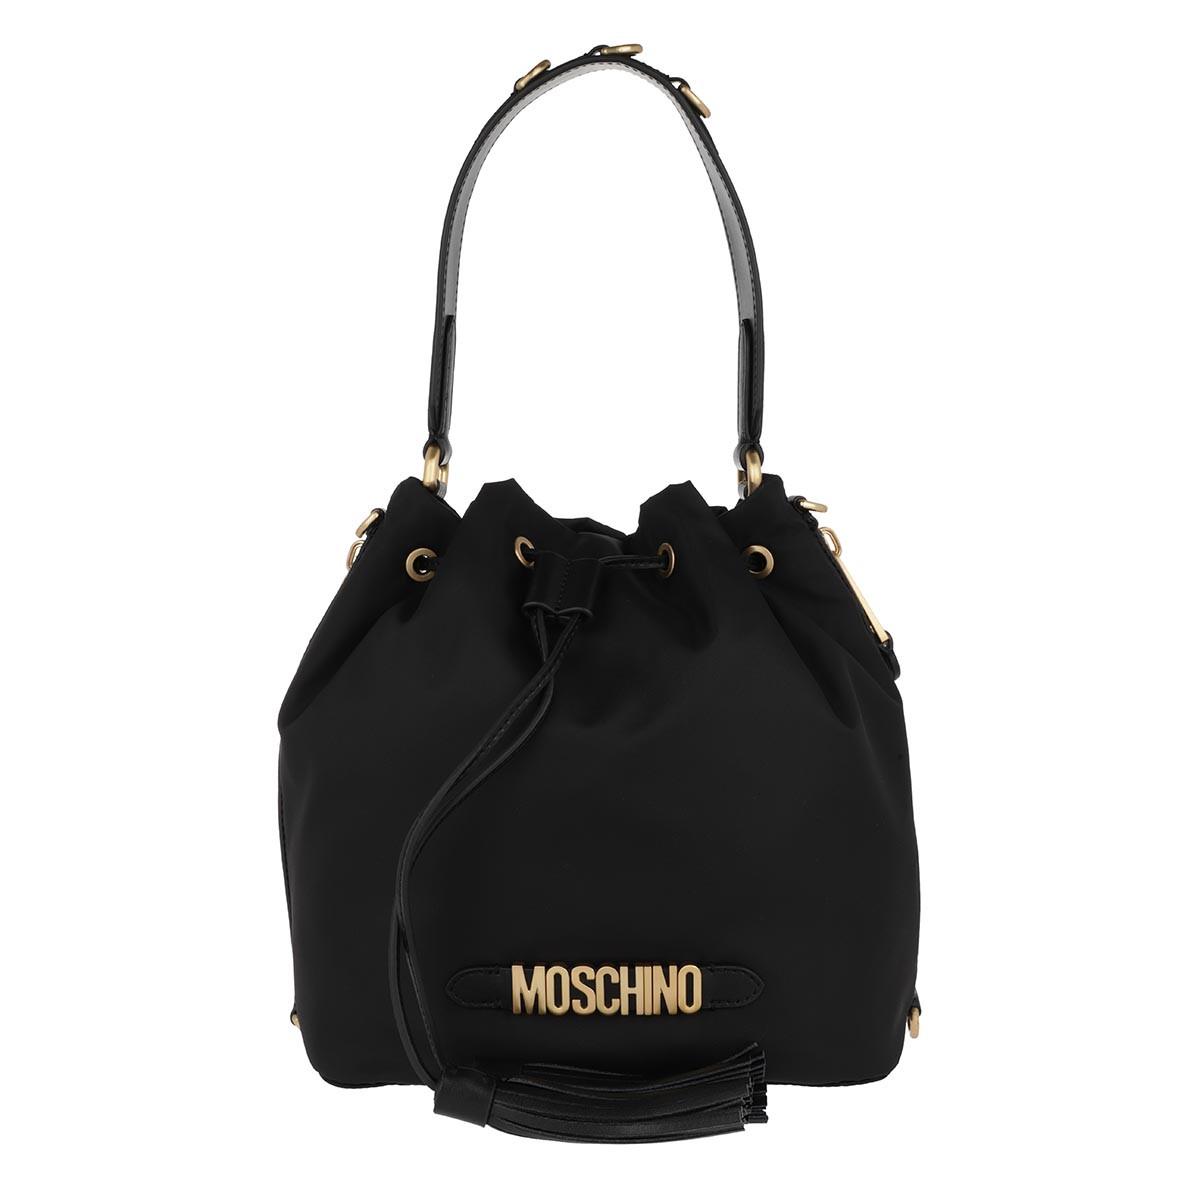 Moschino Beuteltasche - Drawstring Bag Fantasia Nero - in schwarz - für Damen